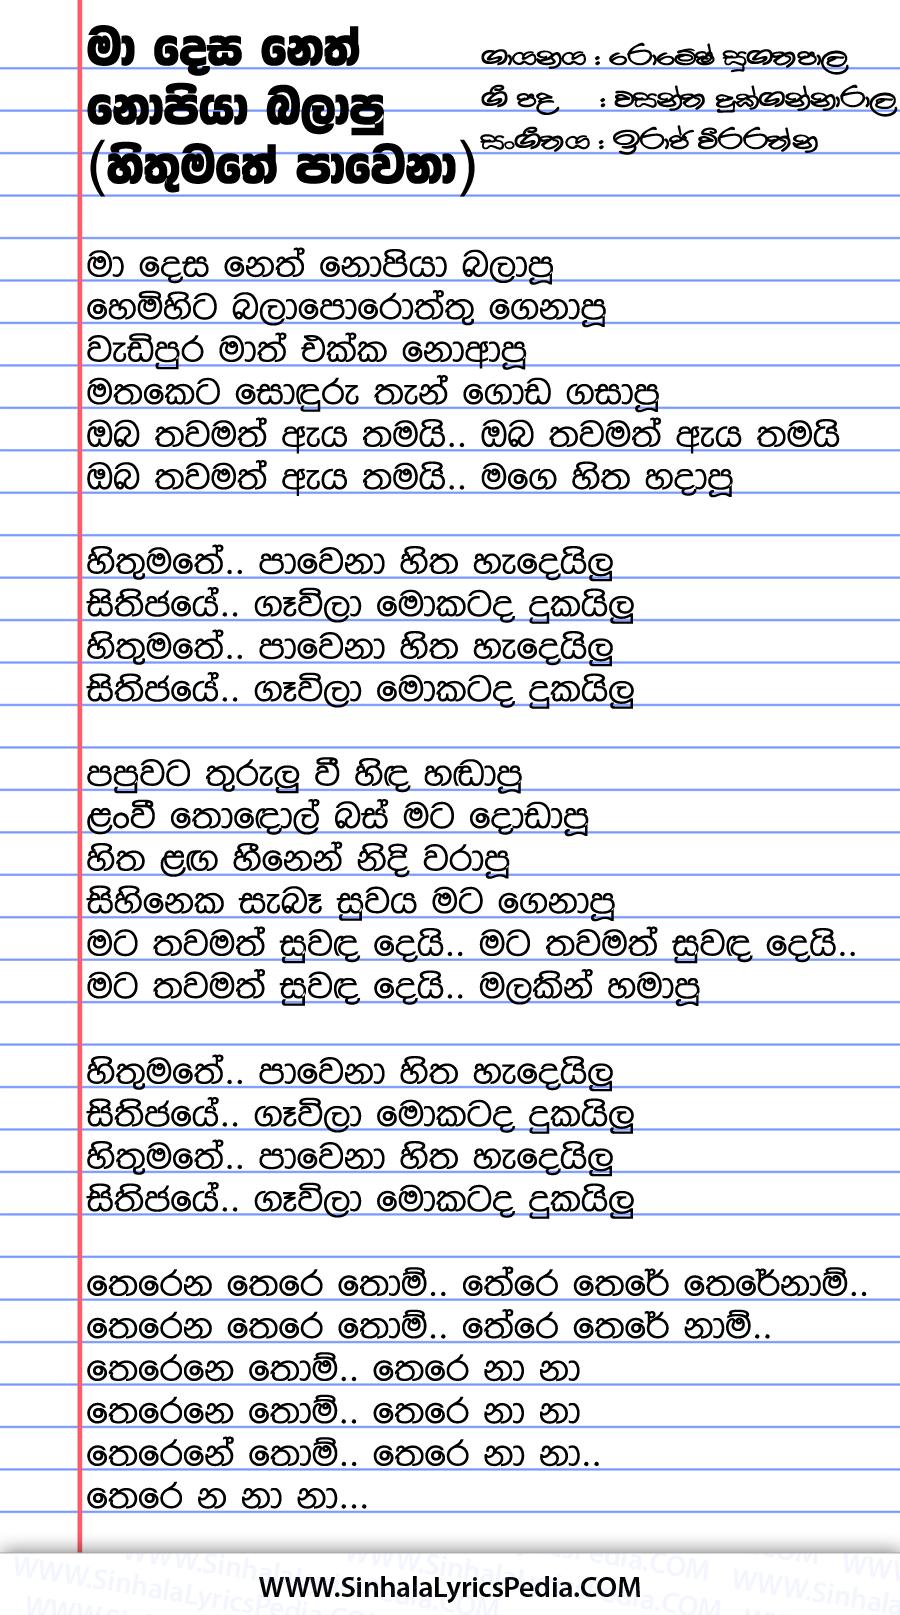 Ma Desa Neth Nopiya Balapu (Hithumathe Pawena) Song Lyrics